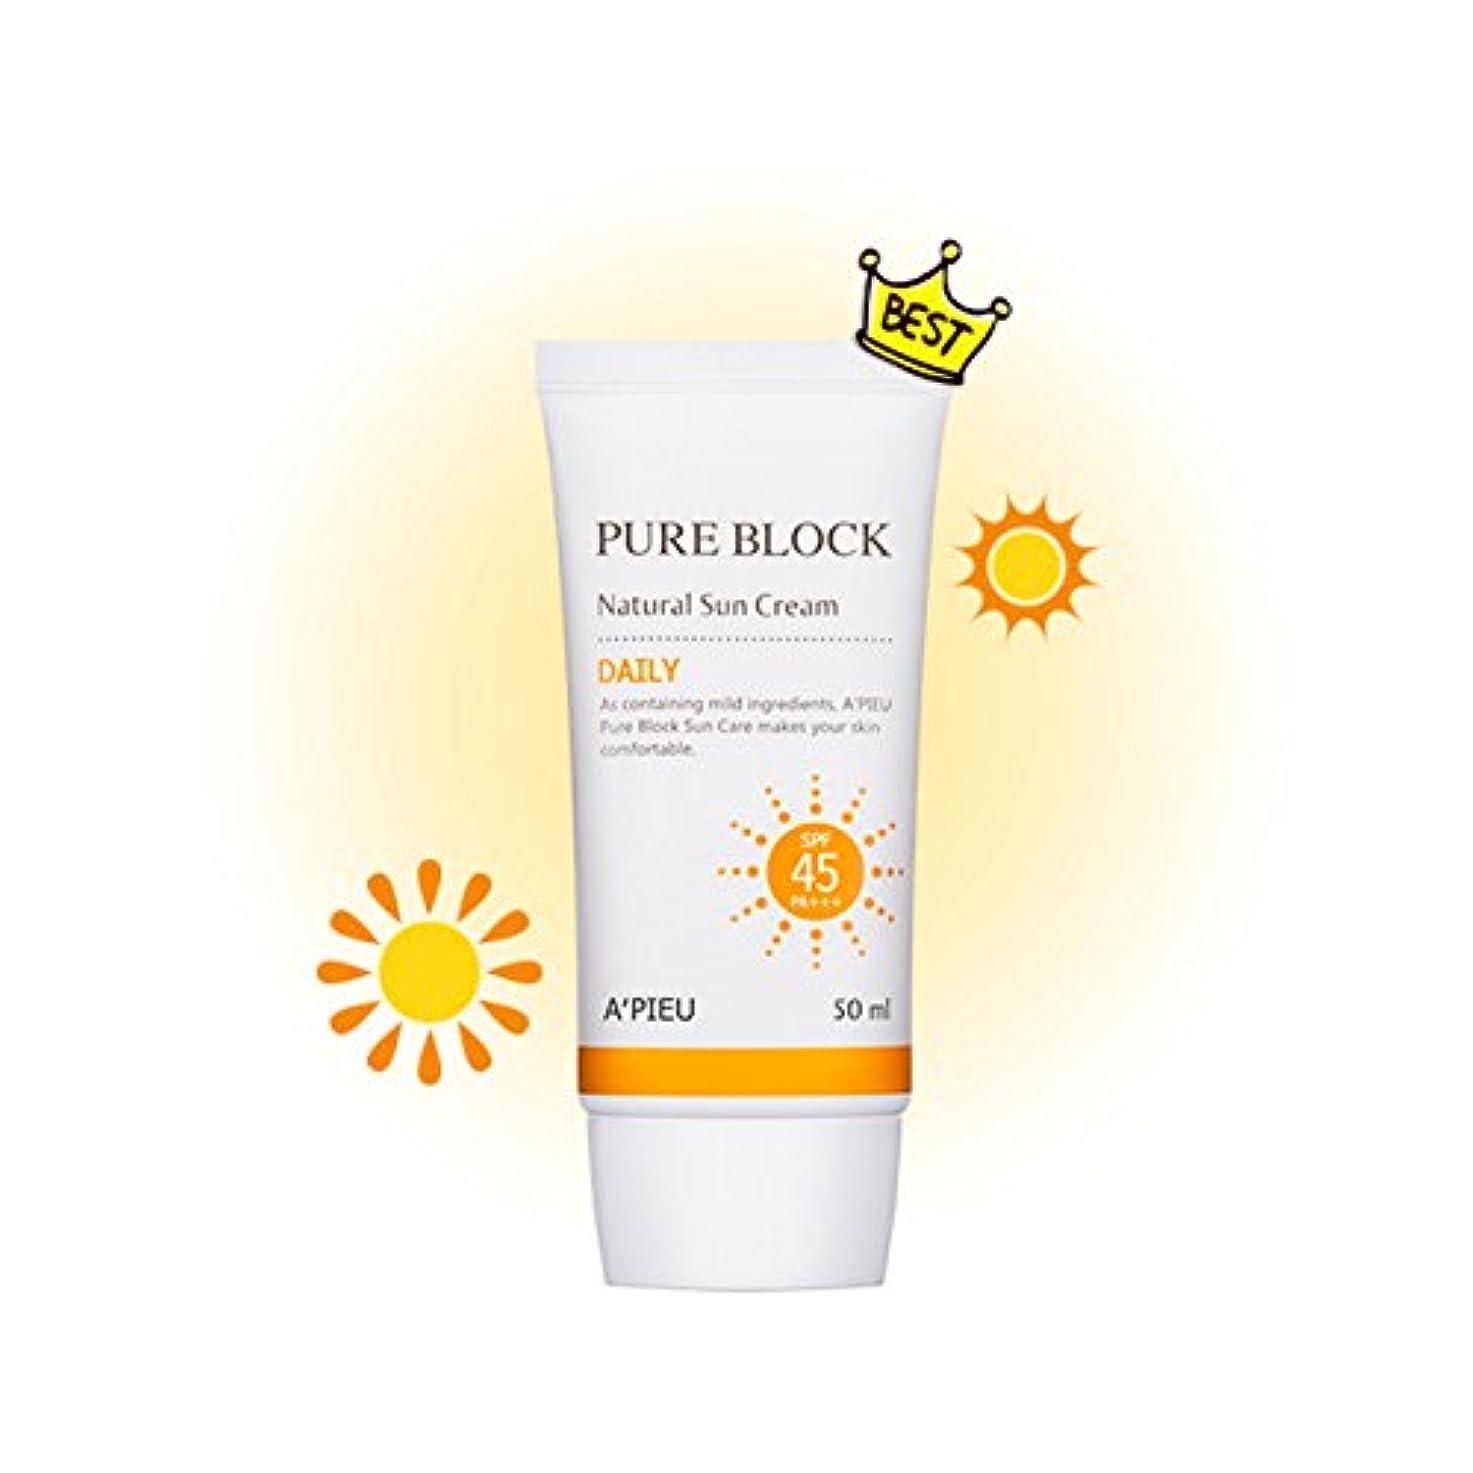 凝縮する飼い慣らす負担[オピュ] A'PIEU ピュアブロックナチュラルデイリー日焼け止め Pure Block Natural Daily Sun Cream SPF 45 PA+++ [並行輸入品]